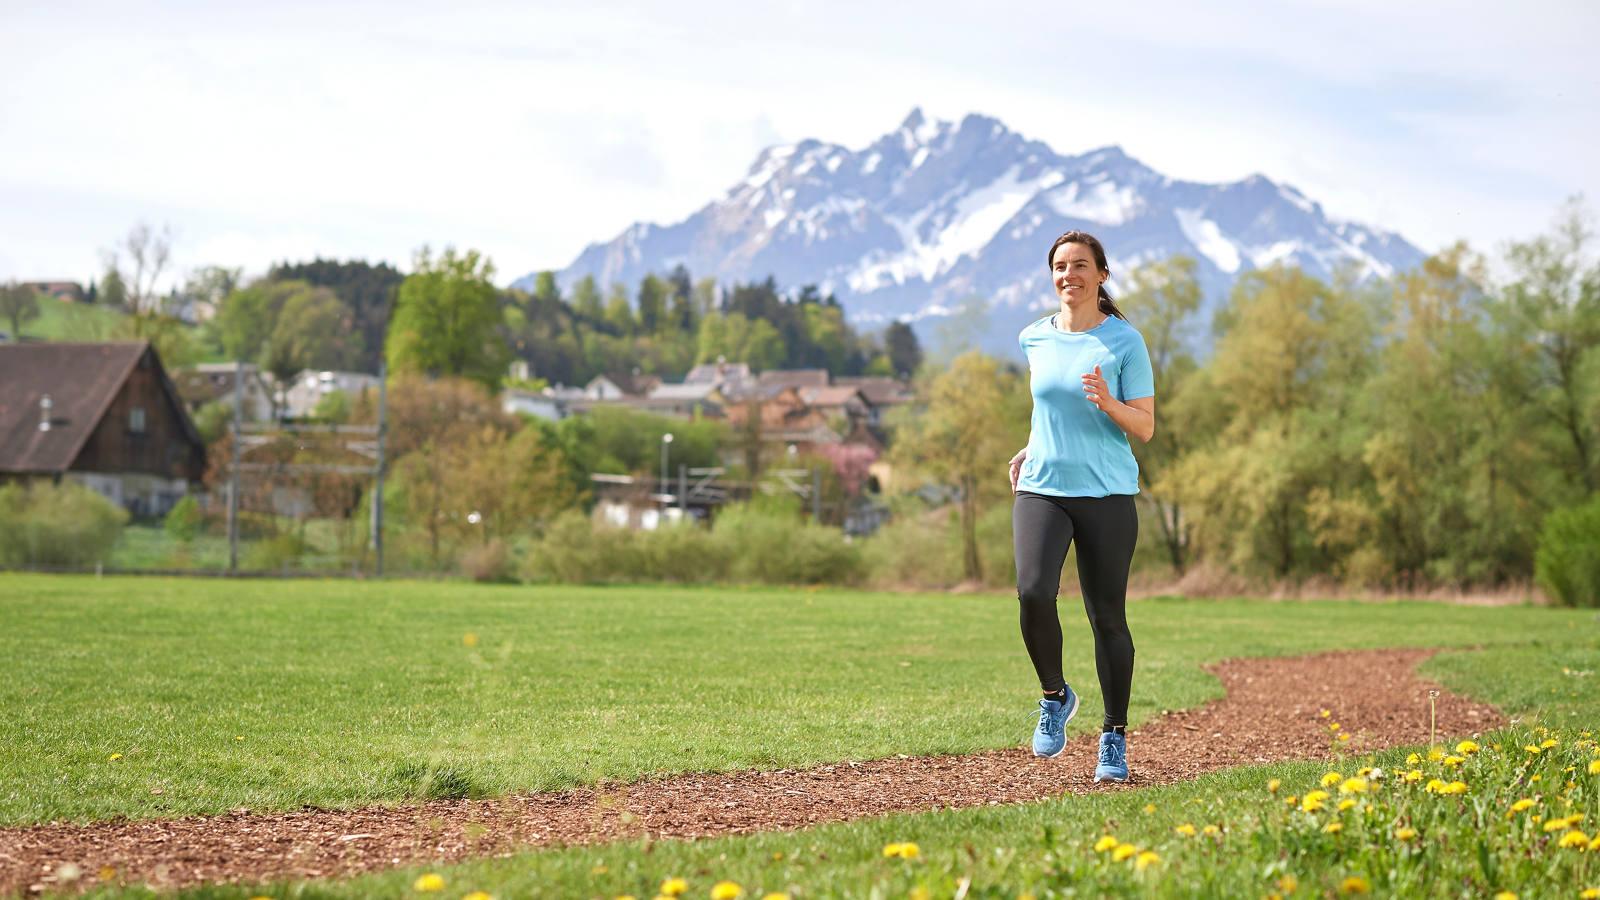 Finnenbahnen in der Schweiz: 5 Outdoor Übungen